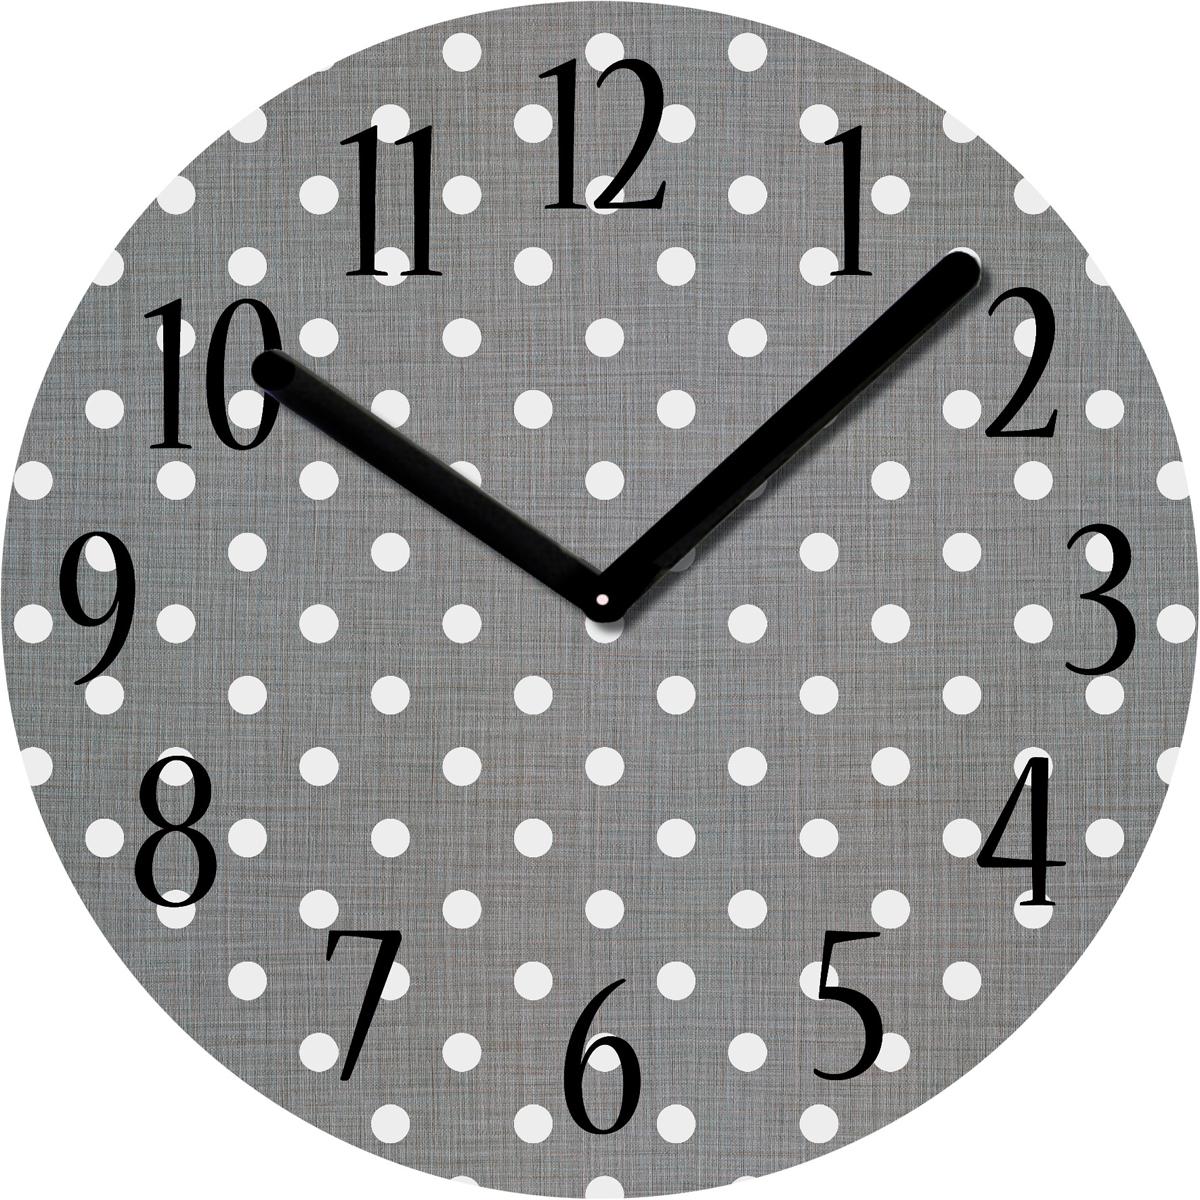 """Часы настенные Innova """"Точки"""" красиво дополнят интерьер вашего дома. Круглый корпус изготовлен из стекла с оригинальным принтом в горошек. Часы имеют кварцевый механизм с плавным ходом, индикацию цифрами и две стрелки - часовую и минутную. Батарейки в комплект не входят."""